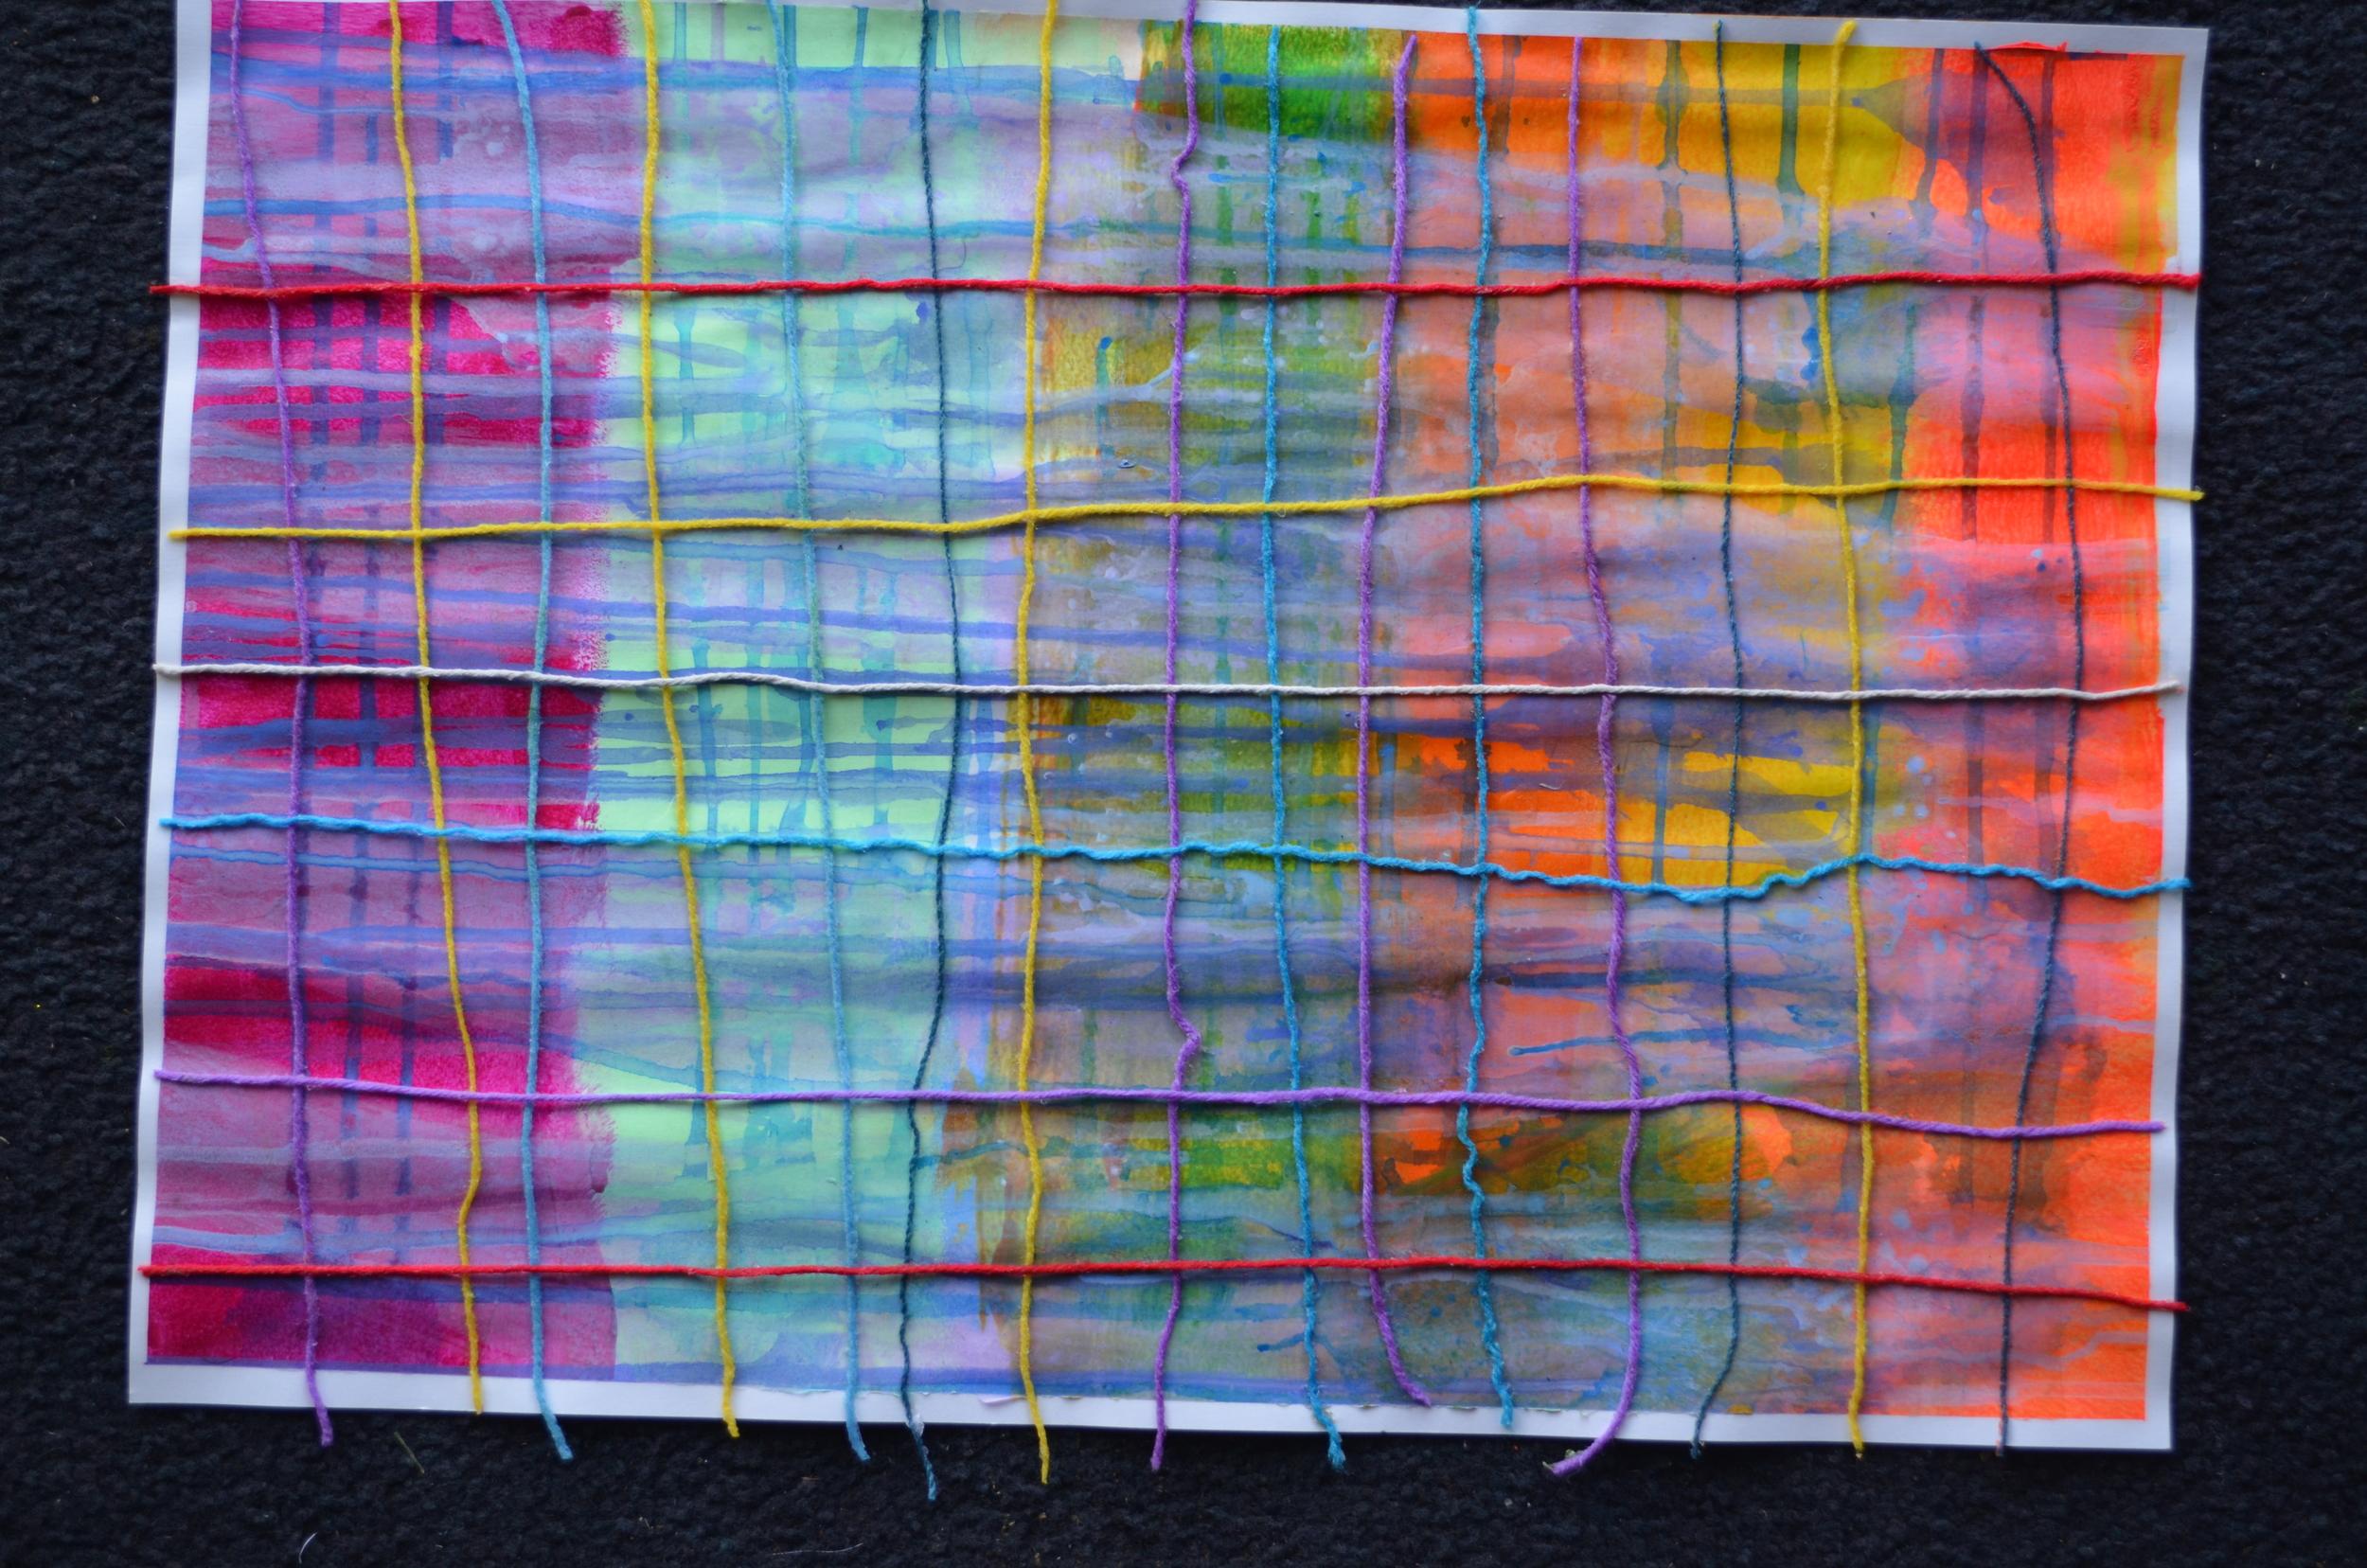 Prakashni Prakash, Colourful, 2016